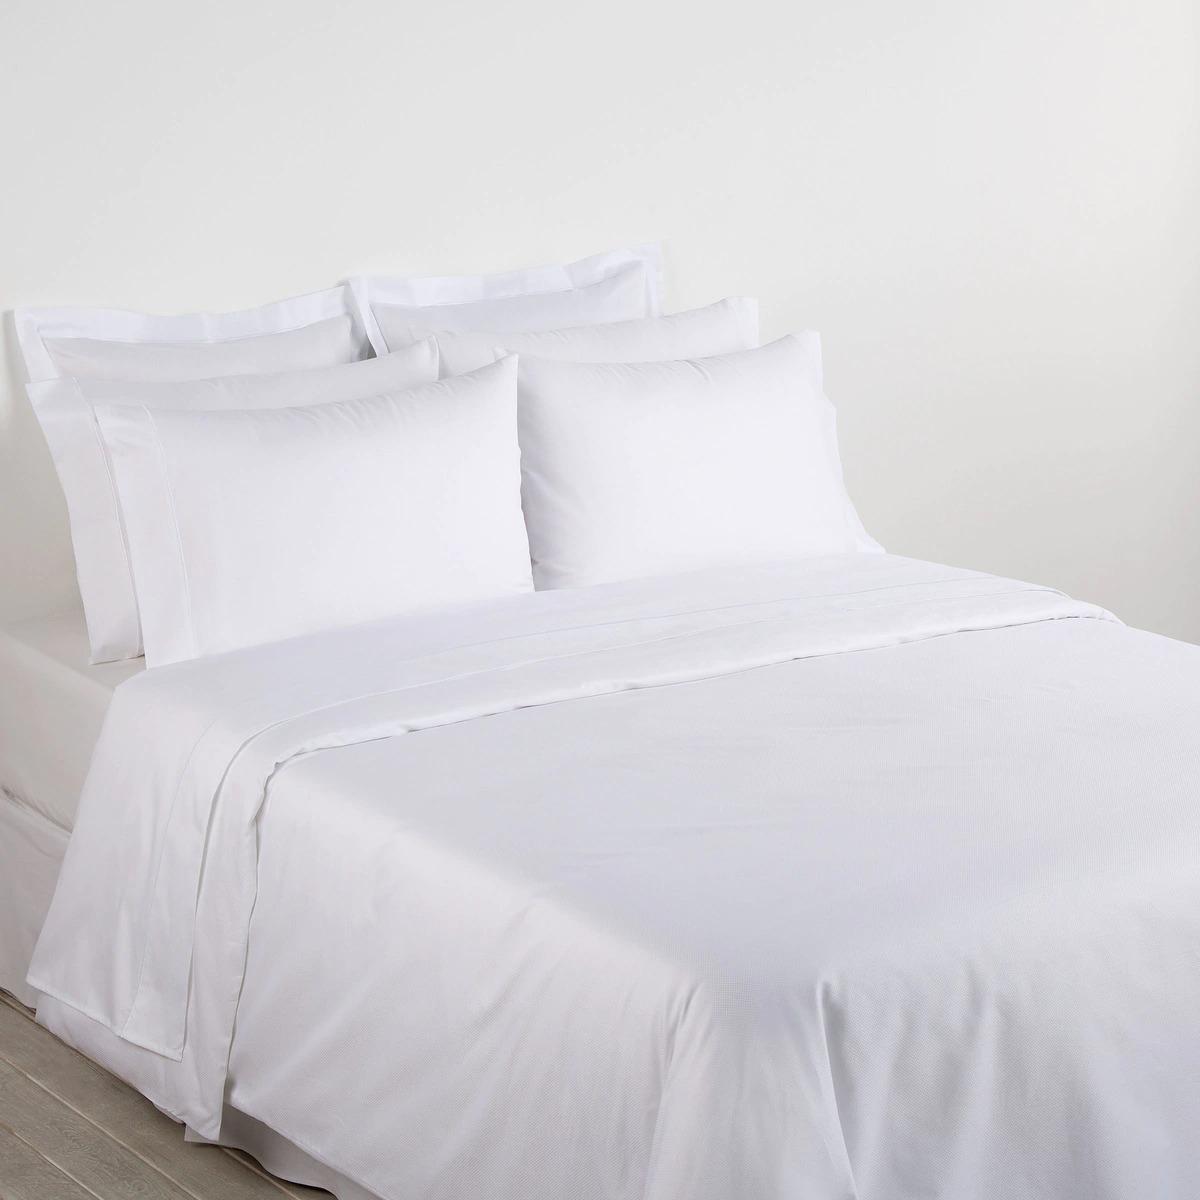 BASSOLS Juego de sábanas algodón egipcio 300 hilos Serie Hotel Regis Bassols